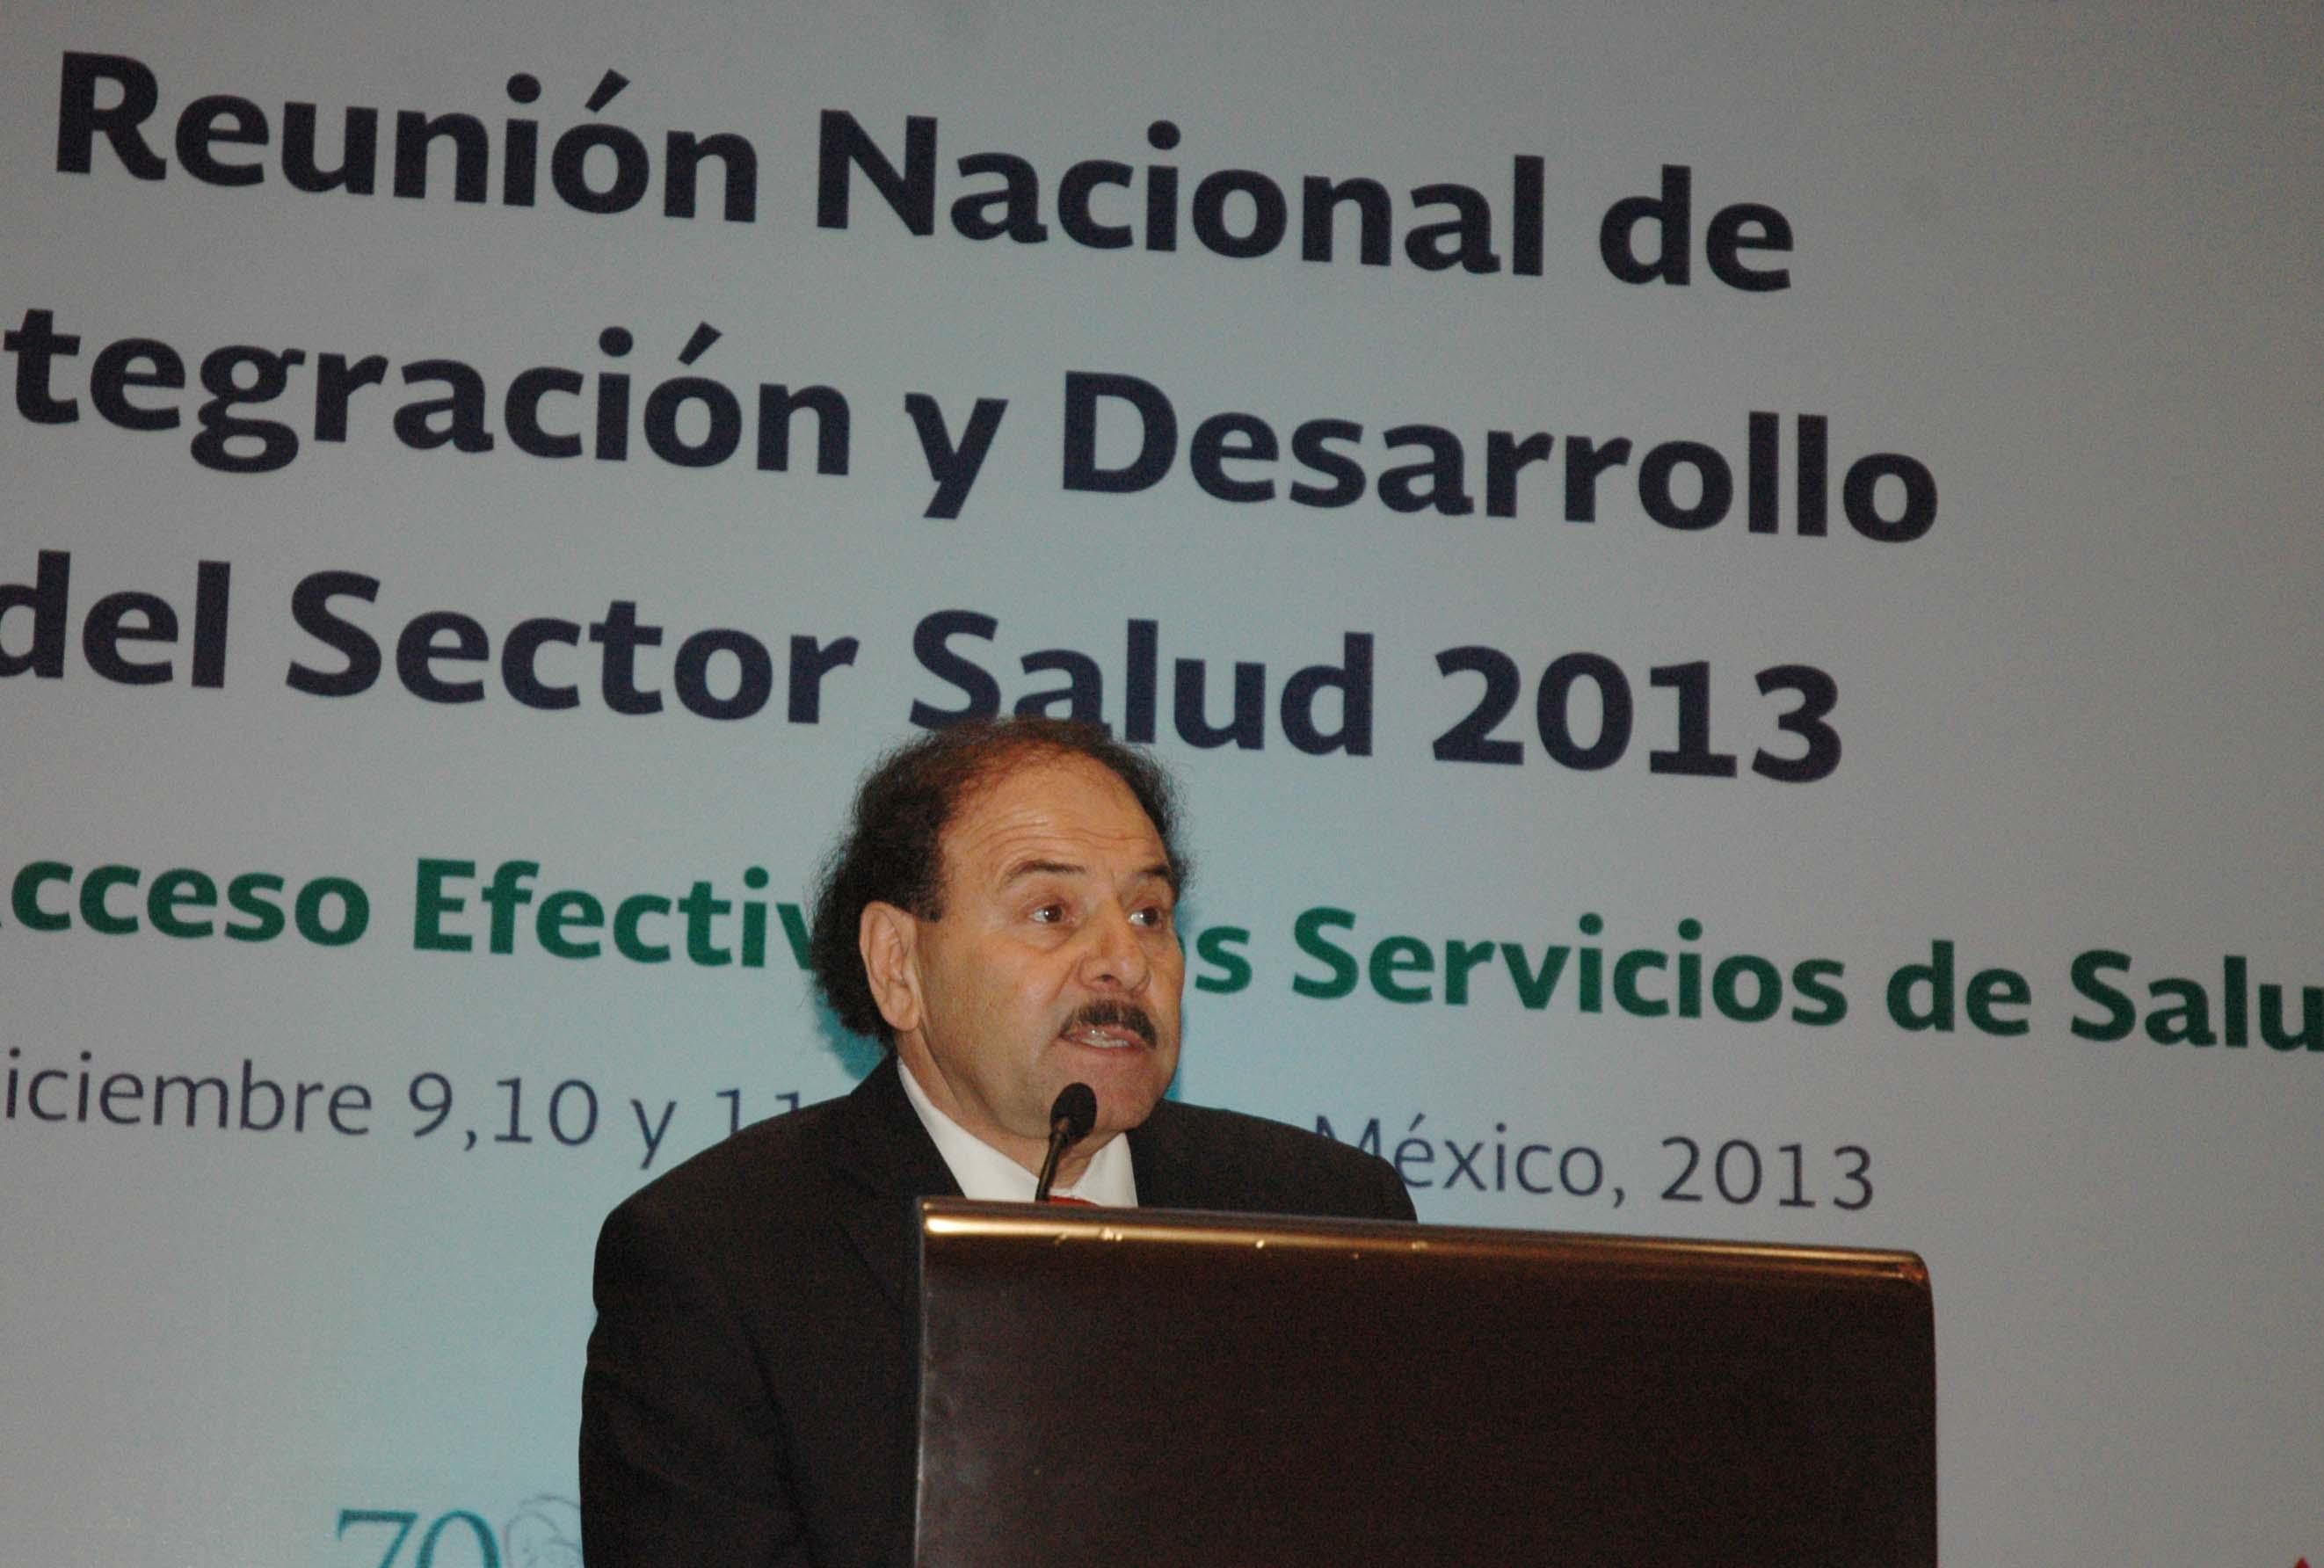 Reunión Nacional de Integración y Desarrollo del Sector Salud 2013